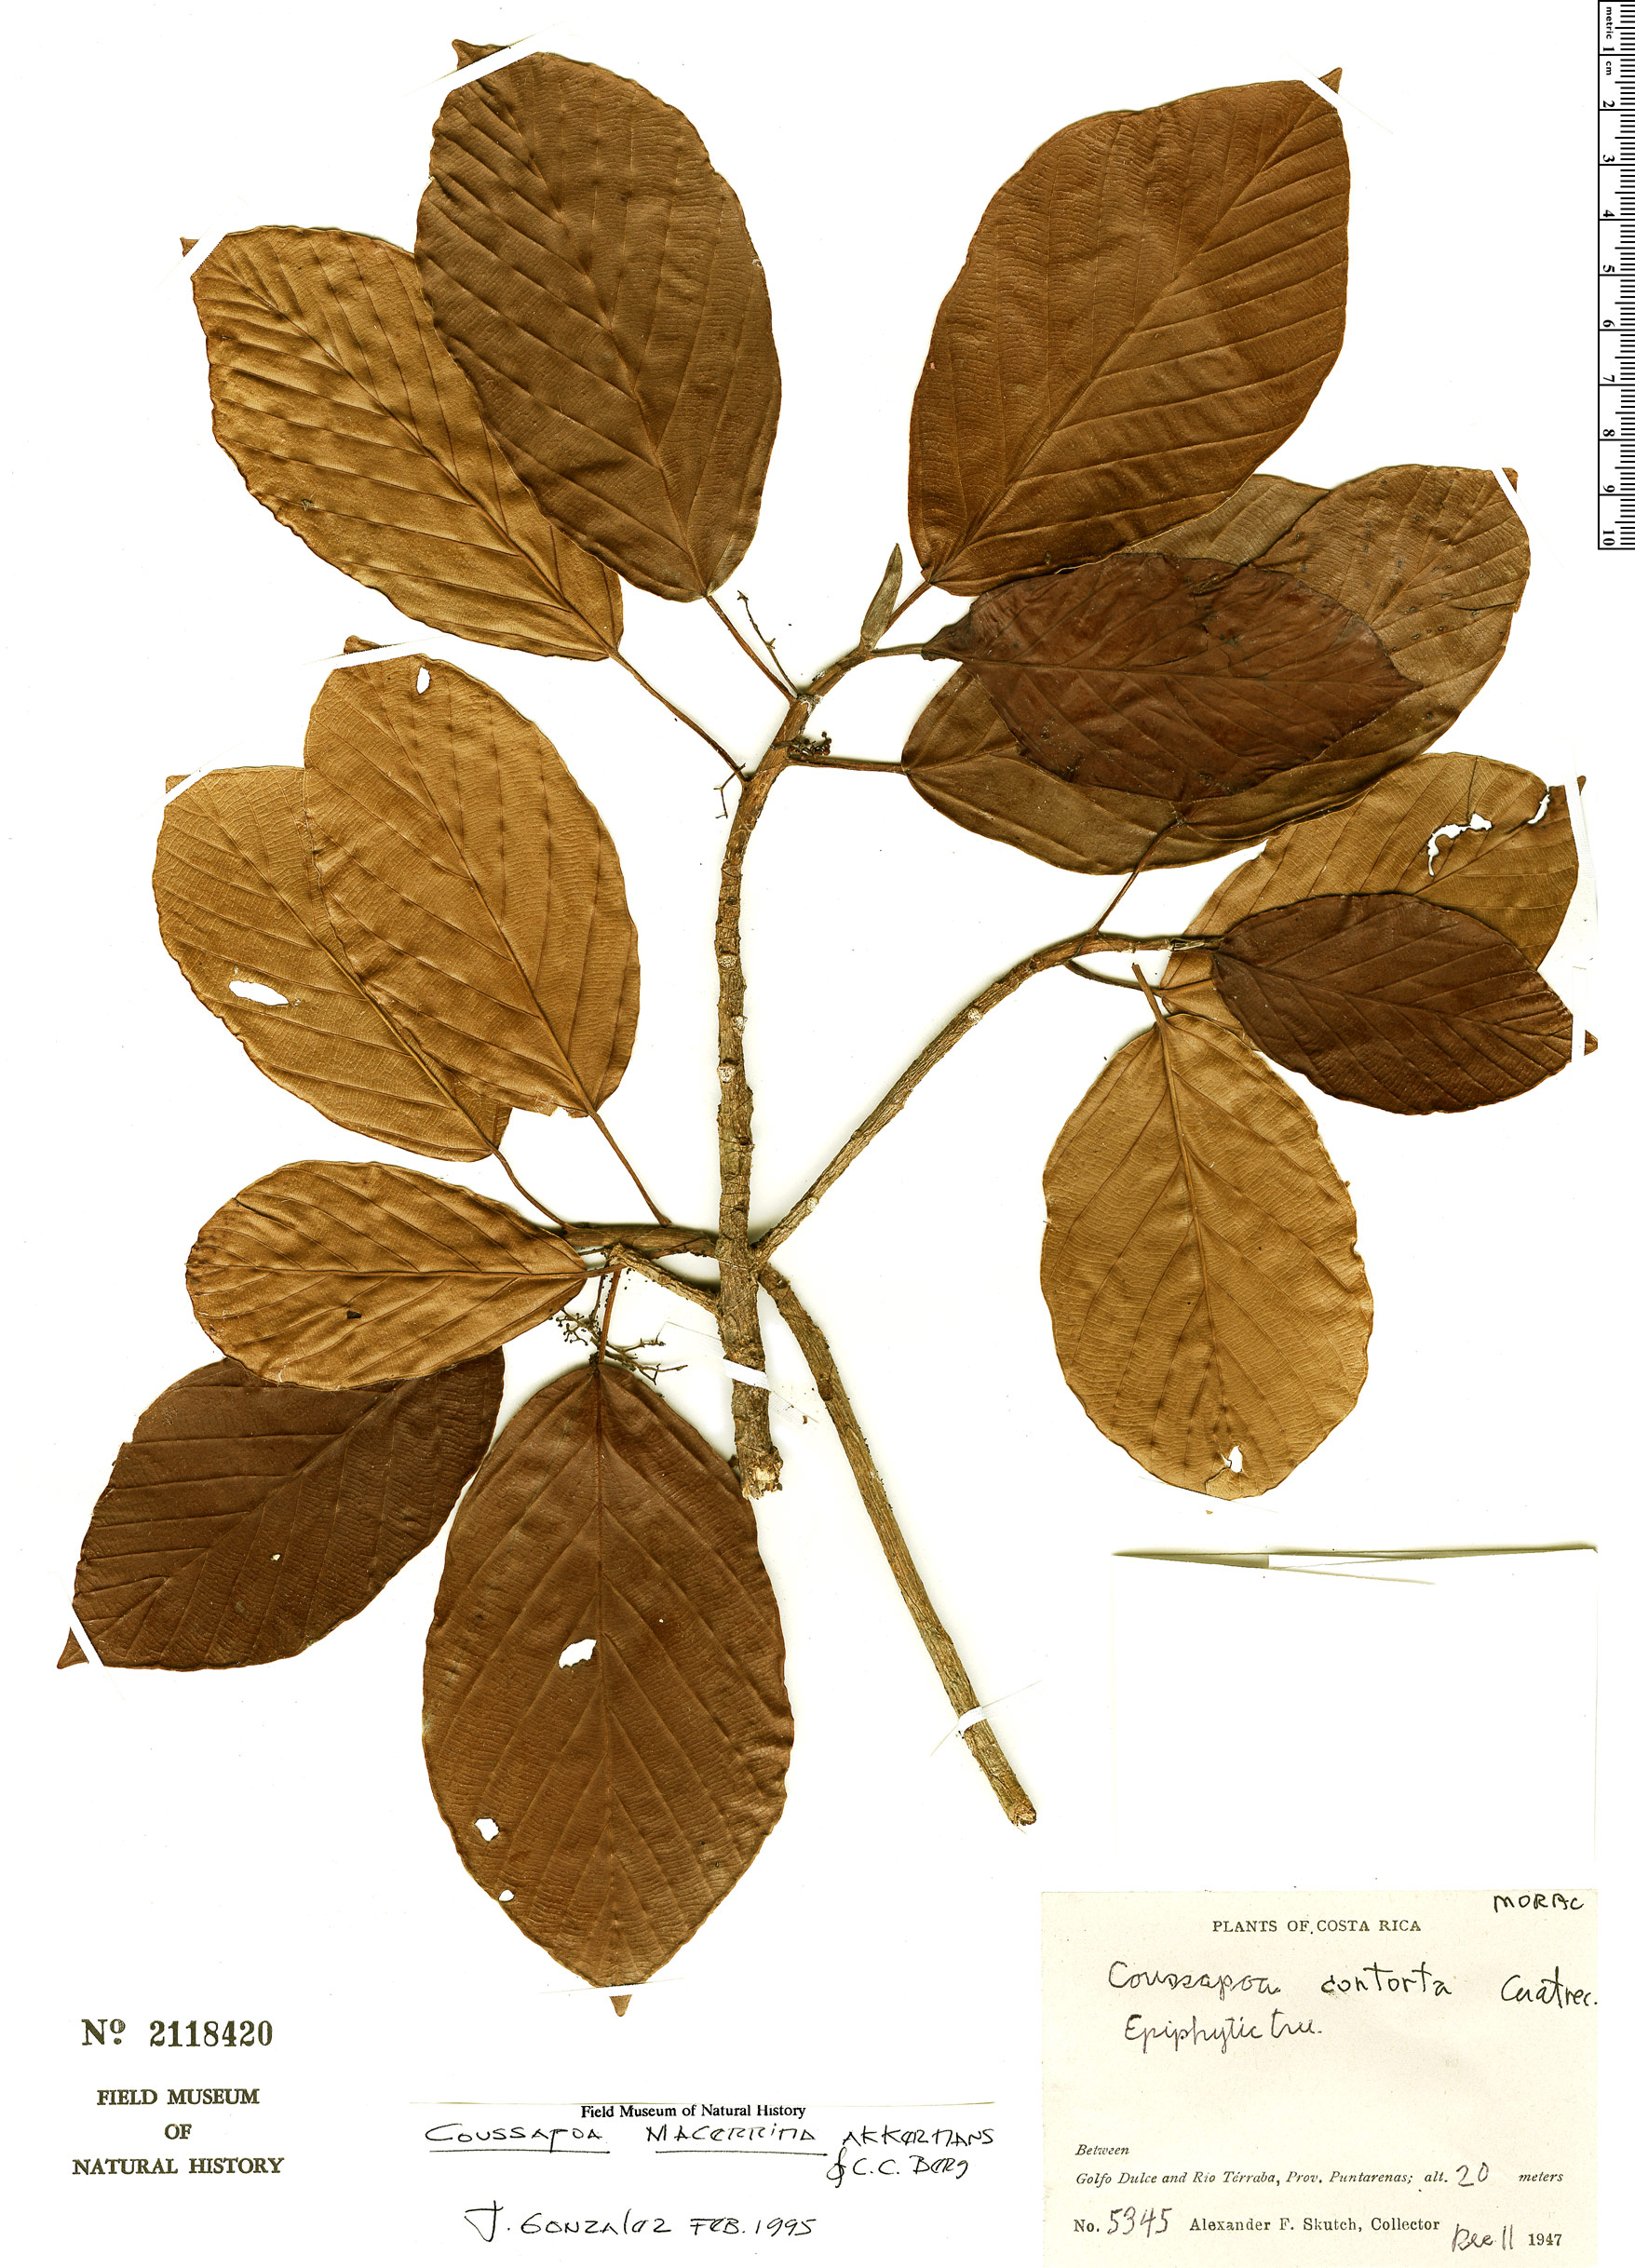 Specimen: Coussapoa macerrima